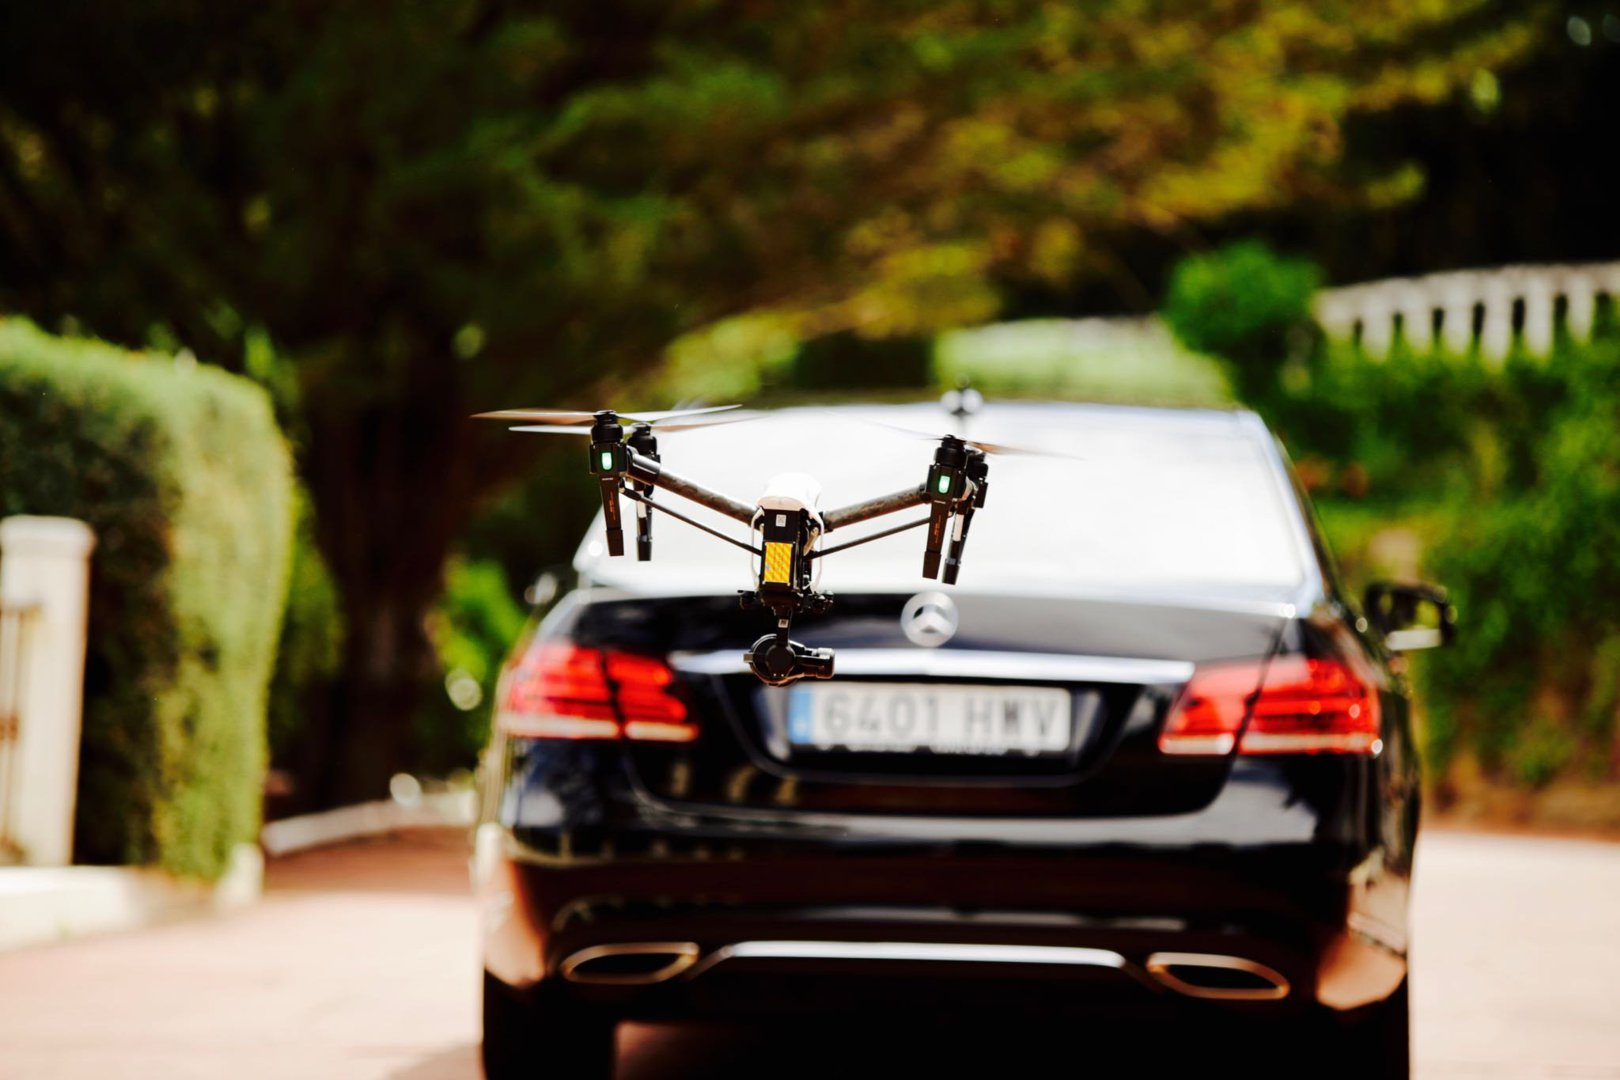 drone-operador-camara-cine-publicidad-tv-rodaje